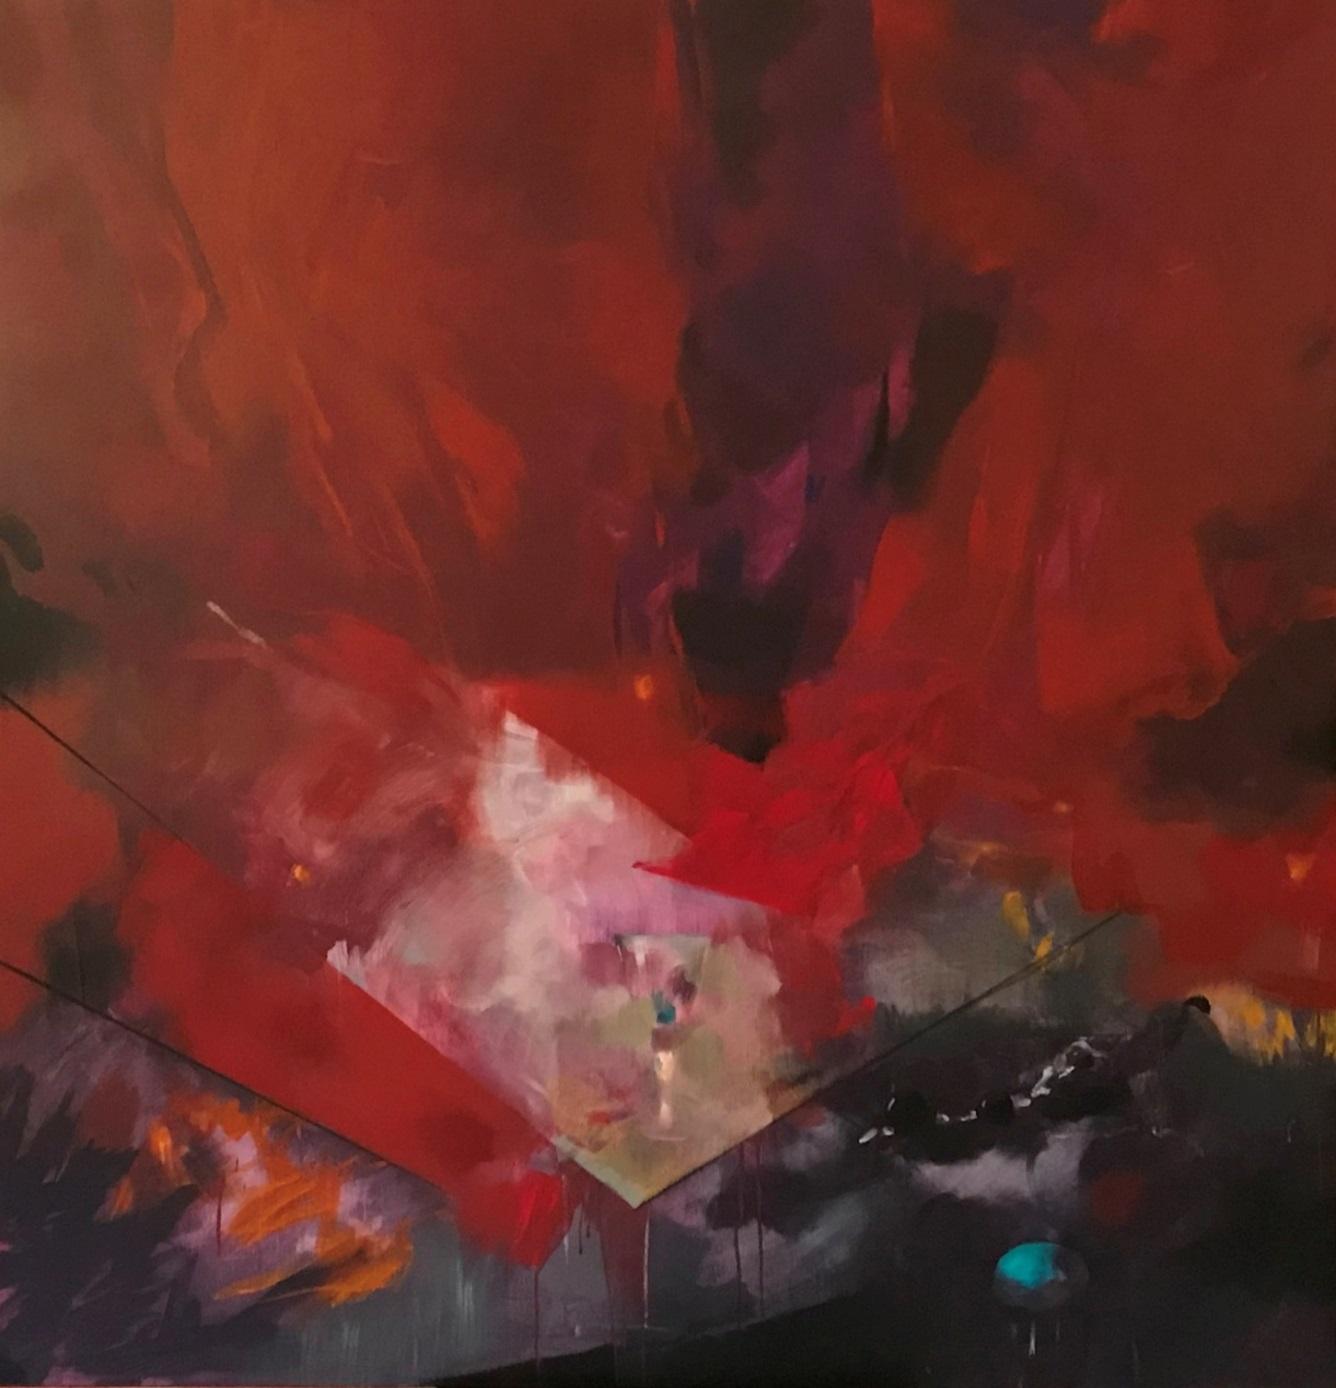 """Proyecto OPERAS """"Mirada sobre la libertad a través de la Opera """" Acrílico sobre tela 150 x 150. 2018"""